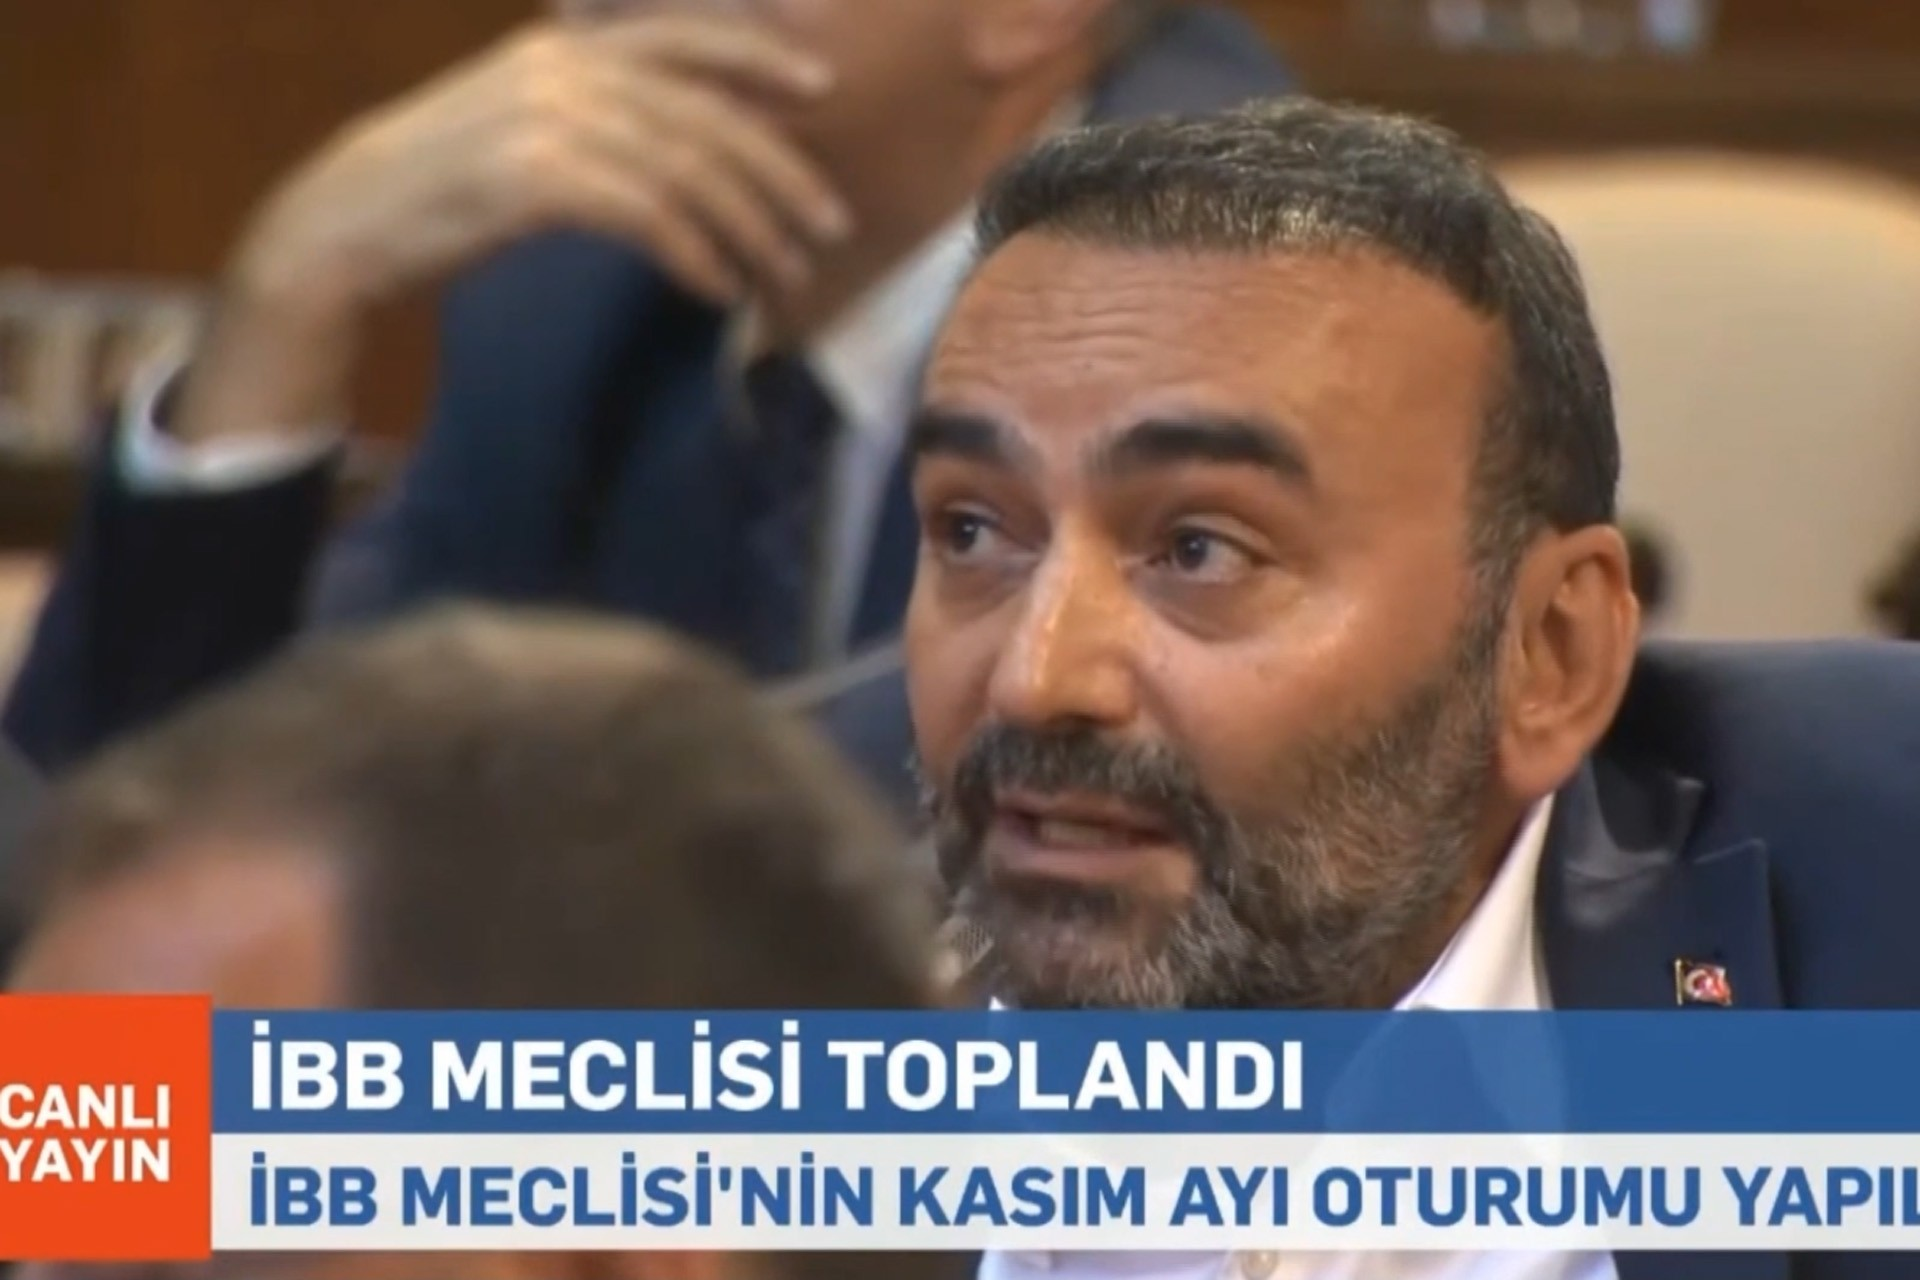 İBB Meclis toplantısında İmar ve Bayındırlık Komisyonu'nun AKP'li Başkanı Yüksel Akyol konuşuyor